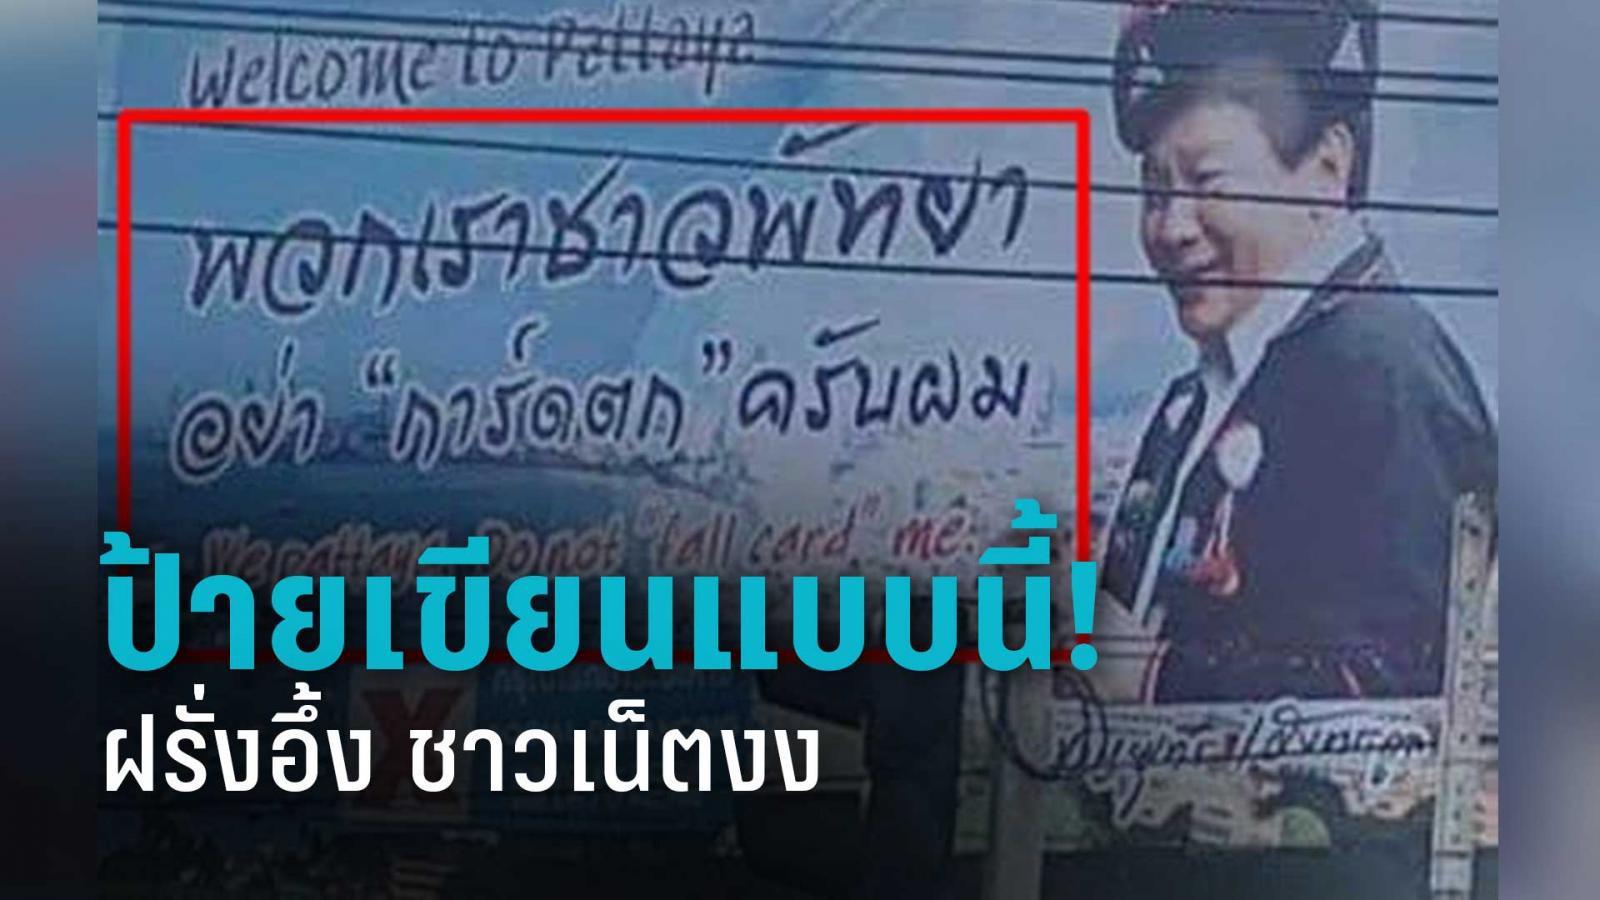 คนไทยอึ้ง ฝรั่งงง! ชาวเน็ตแชร์กันฮา ป้ายนักการเมืองดังพัทยา จะเขียนจะแปลแบบนี้จริงๆหรือ